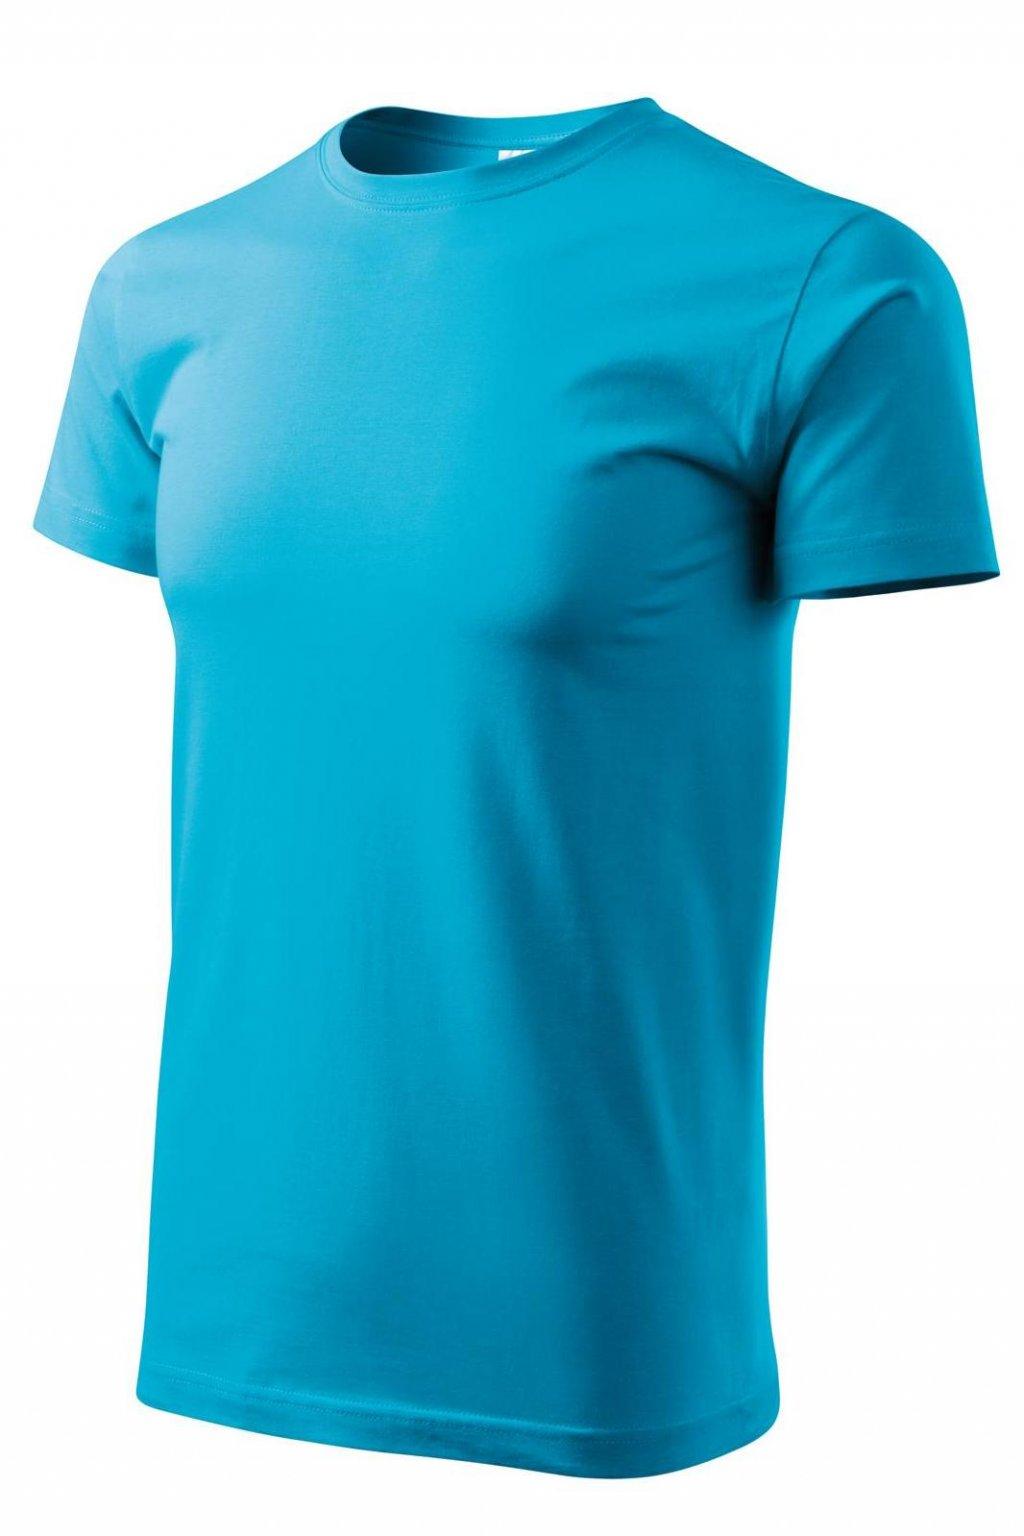 Pánské tyrkysové tričko s krátkým rukávem MF 129/44.